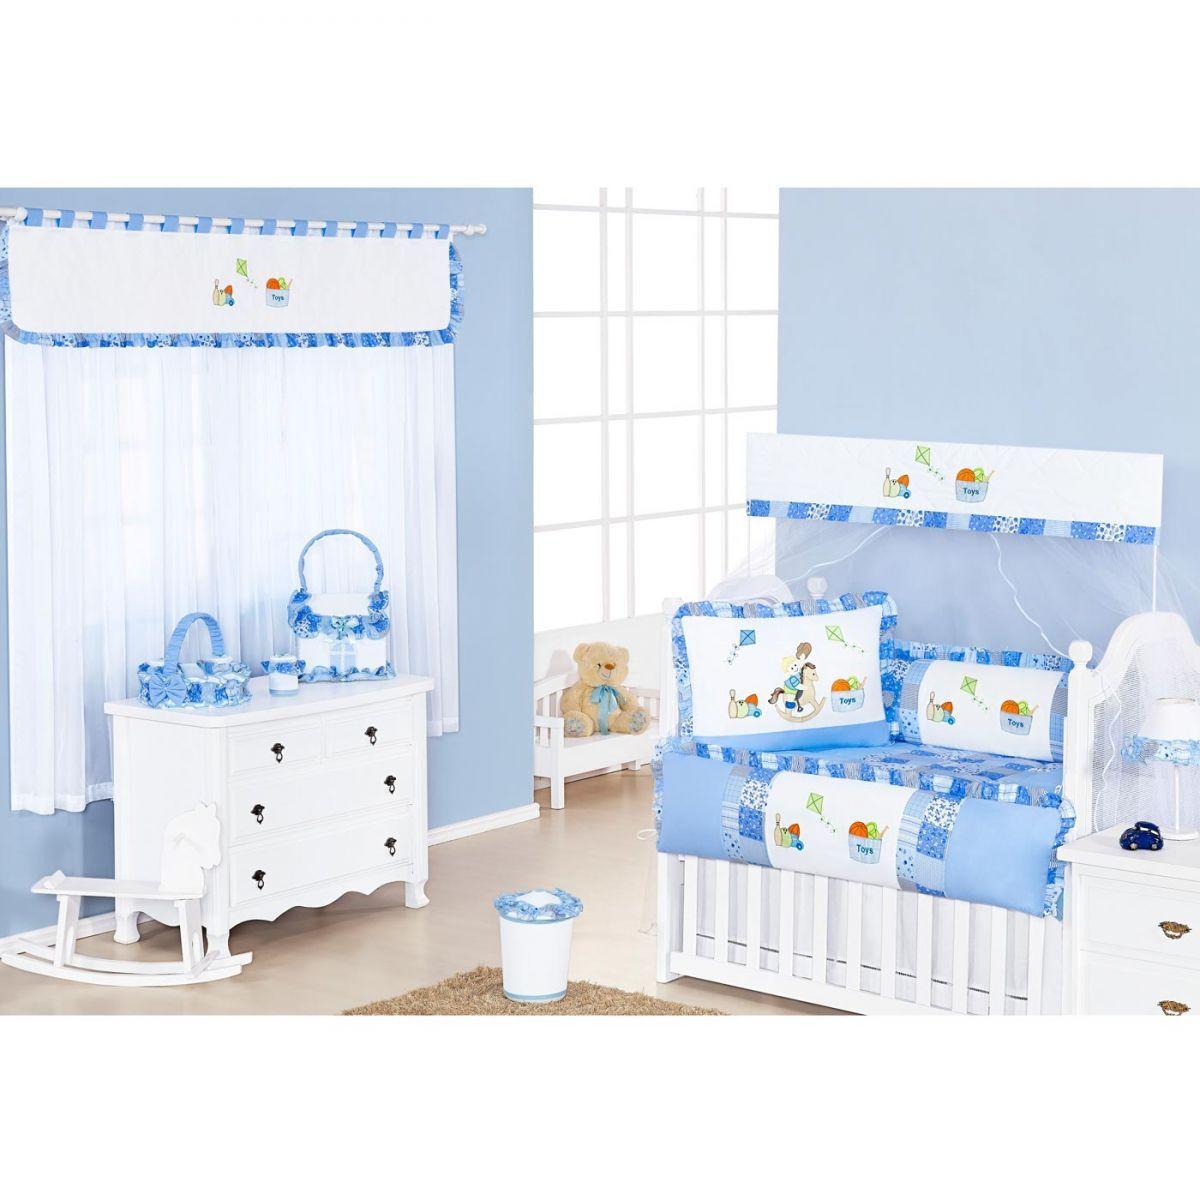 Farmacinha Enfeitada para Quarto de Bebê Coleção Pedrinho - Azul